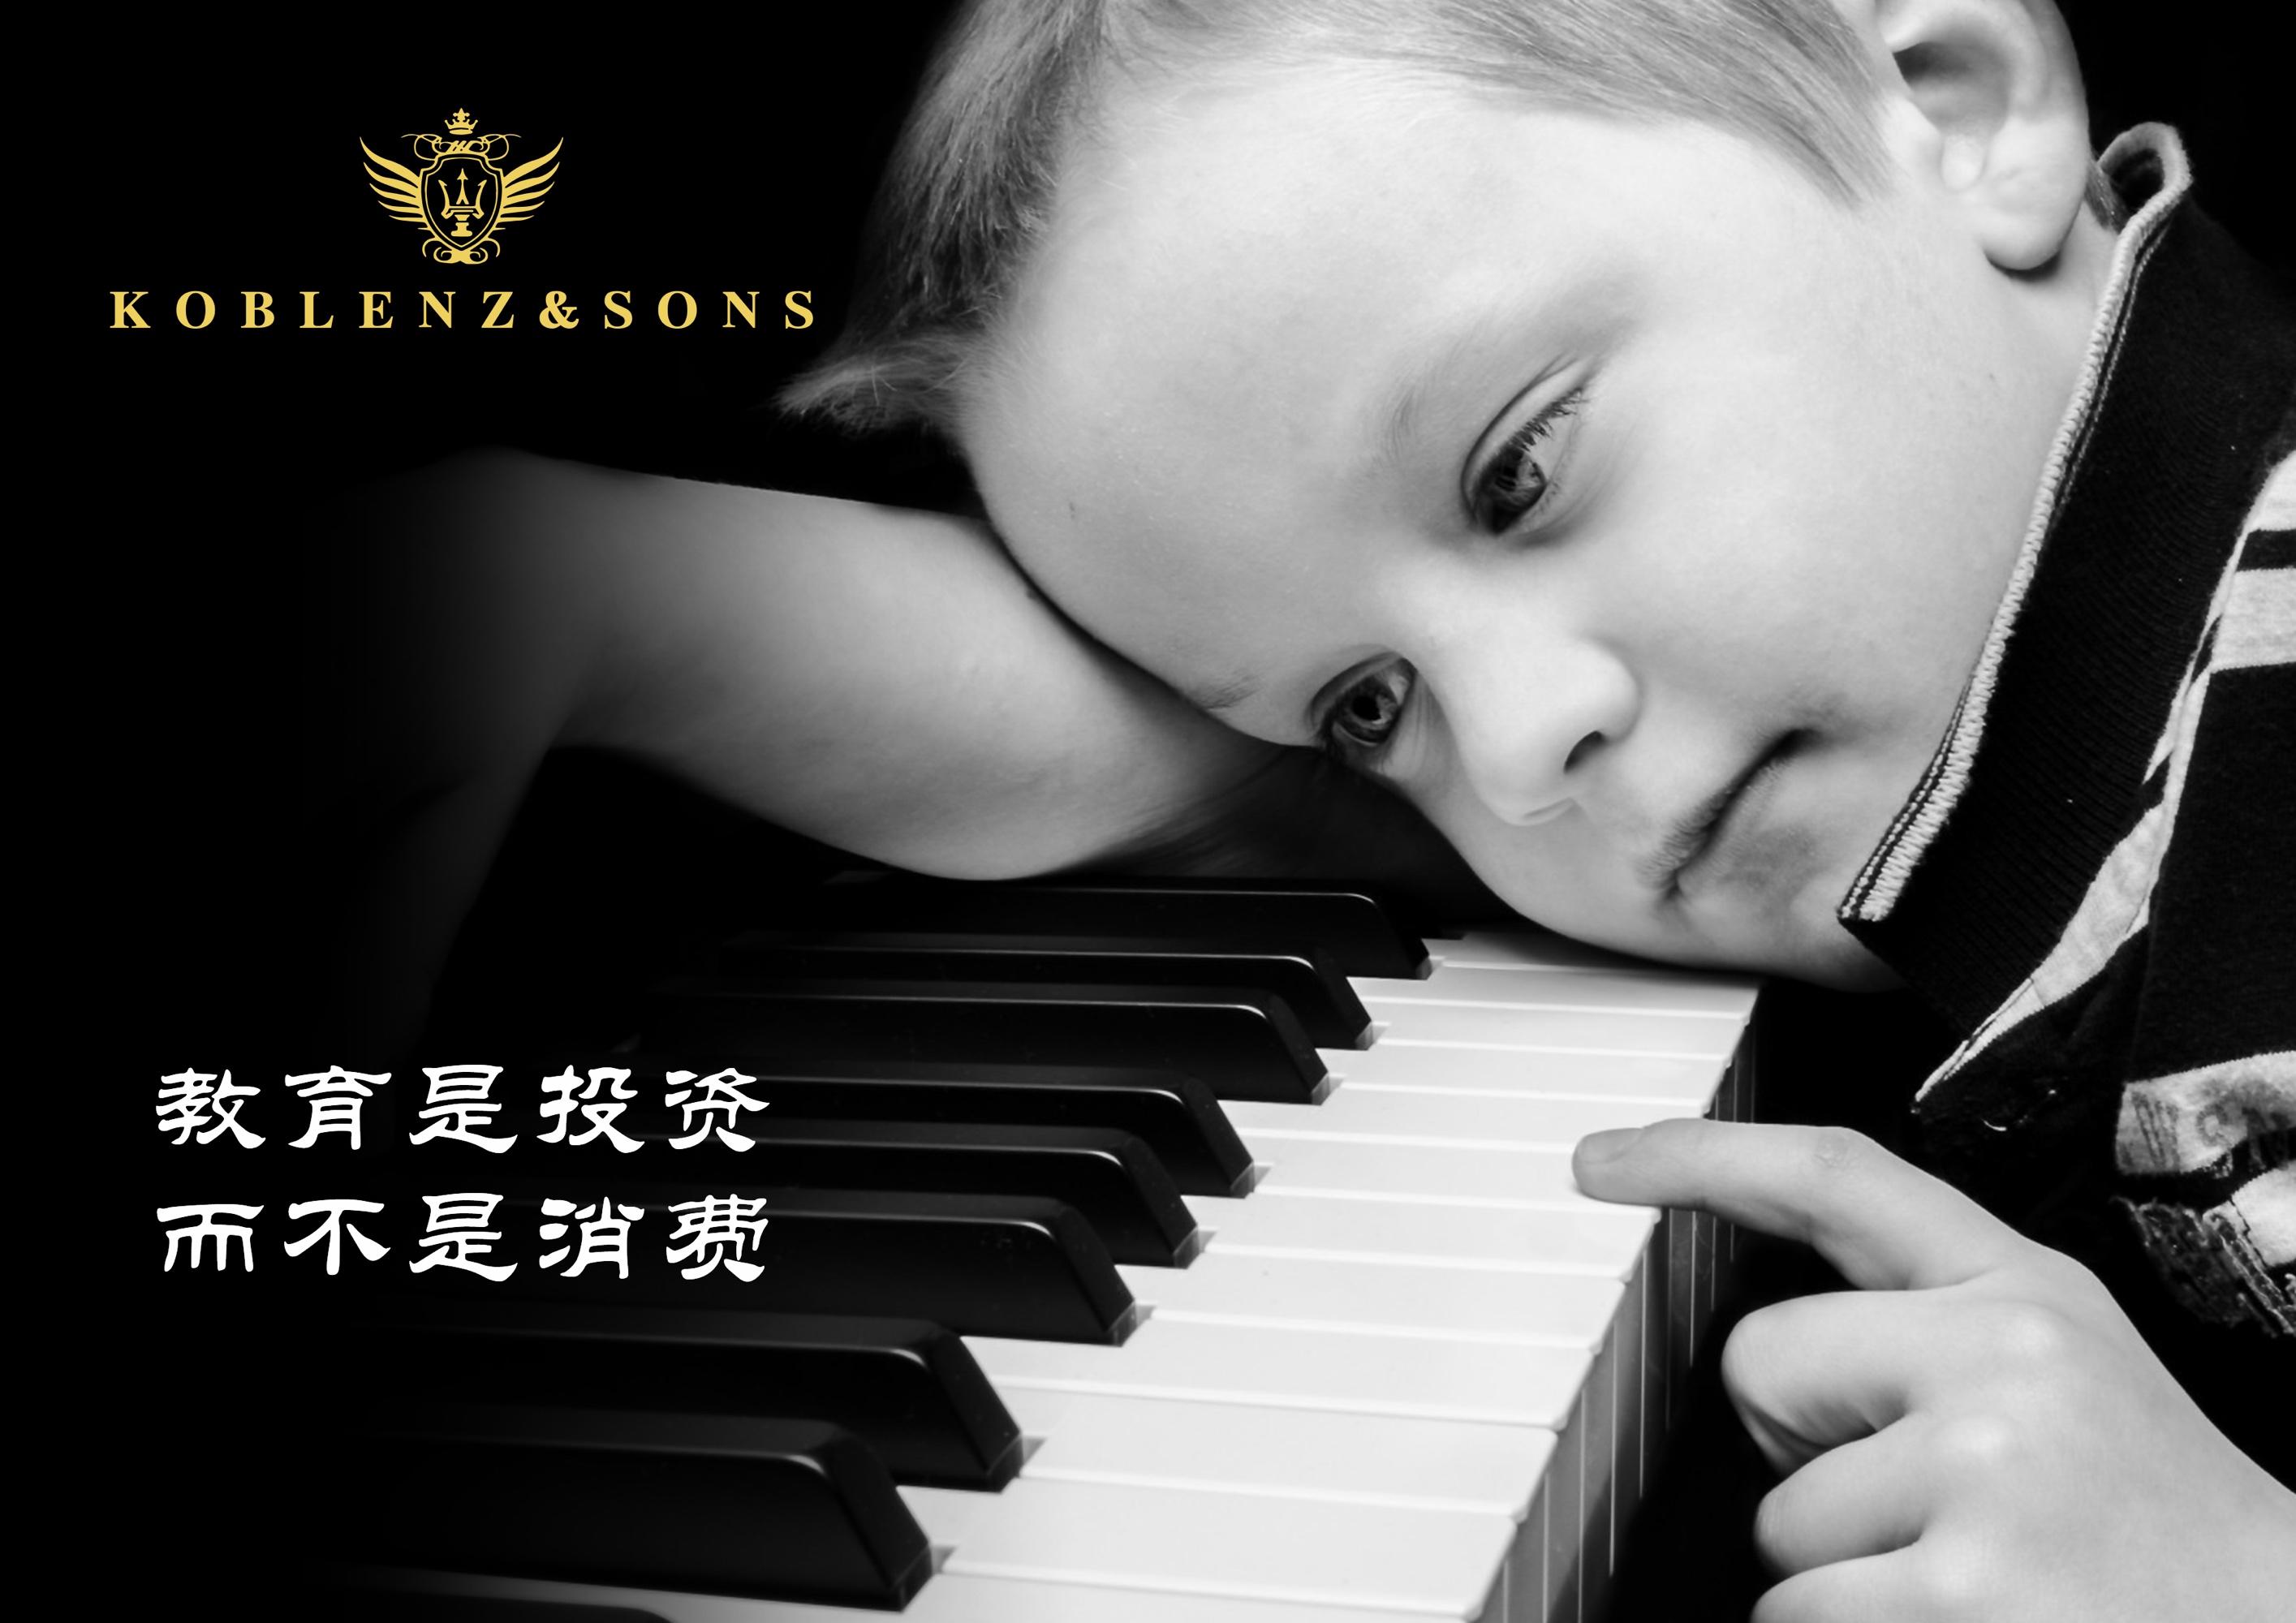 学钢琴怕孩子不学怎么办?买好钢琴孩子不学怎么办?初学买什么品牌钢琴好呢?学好了买什么品牌钢琴好呢?